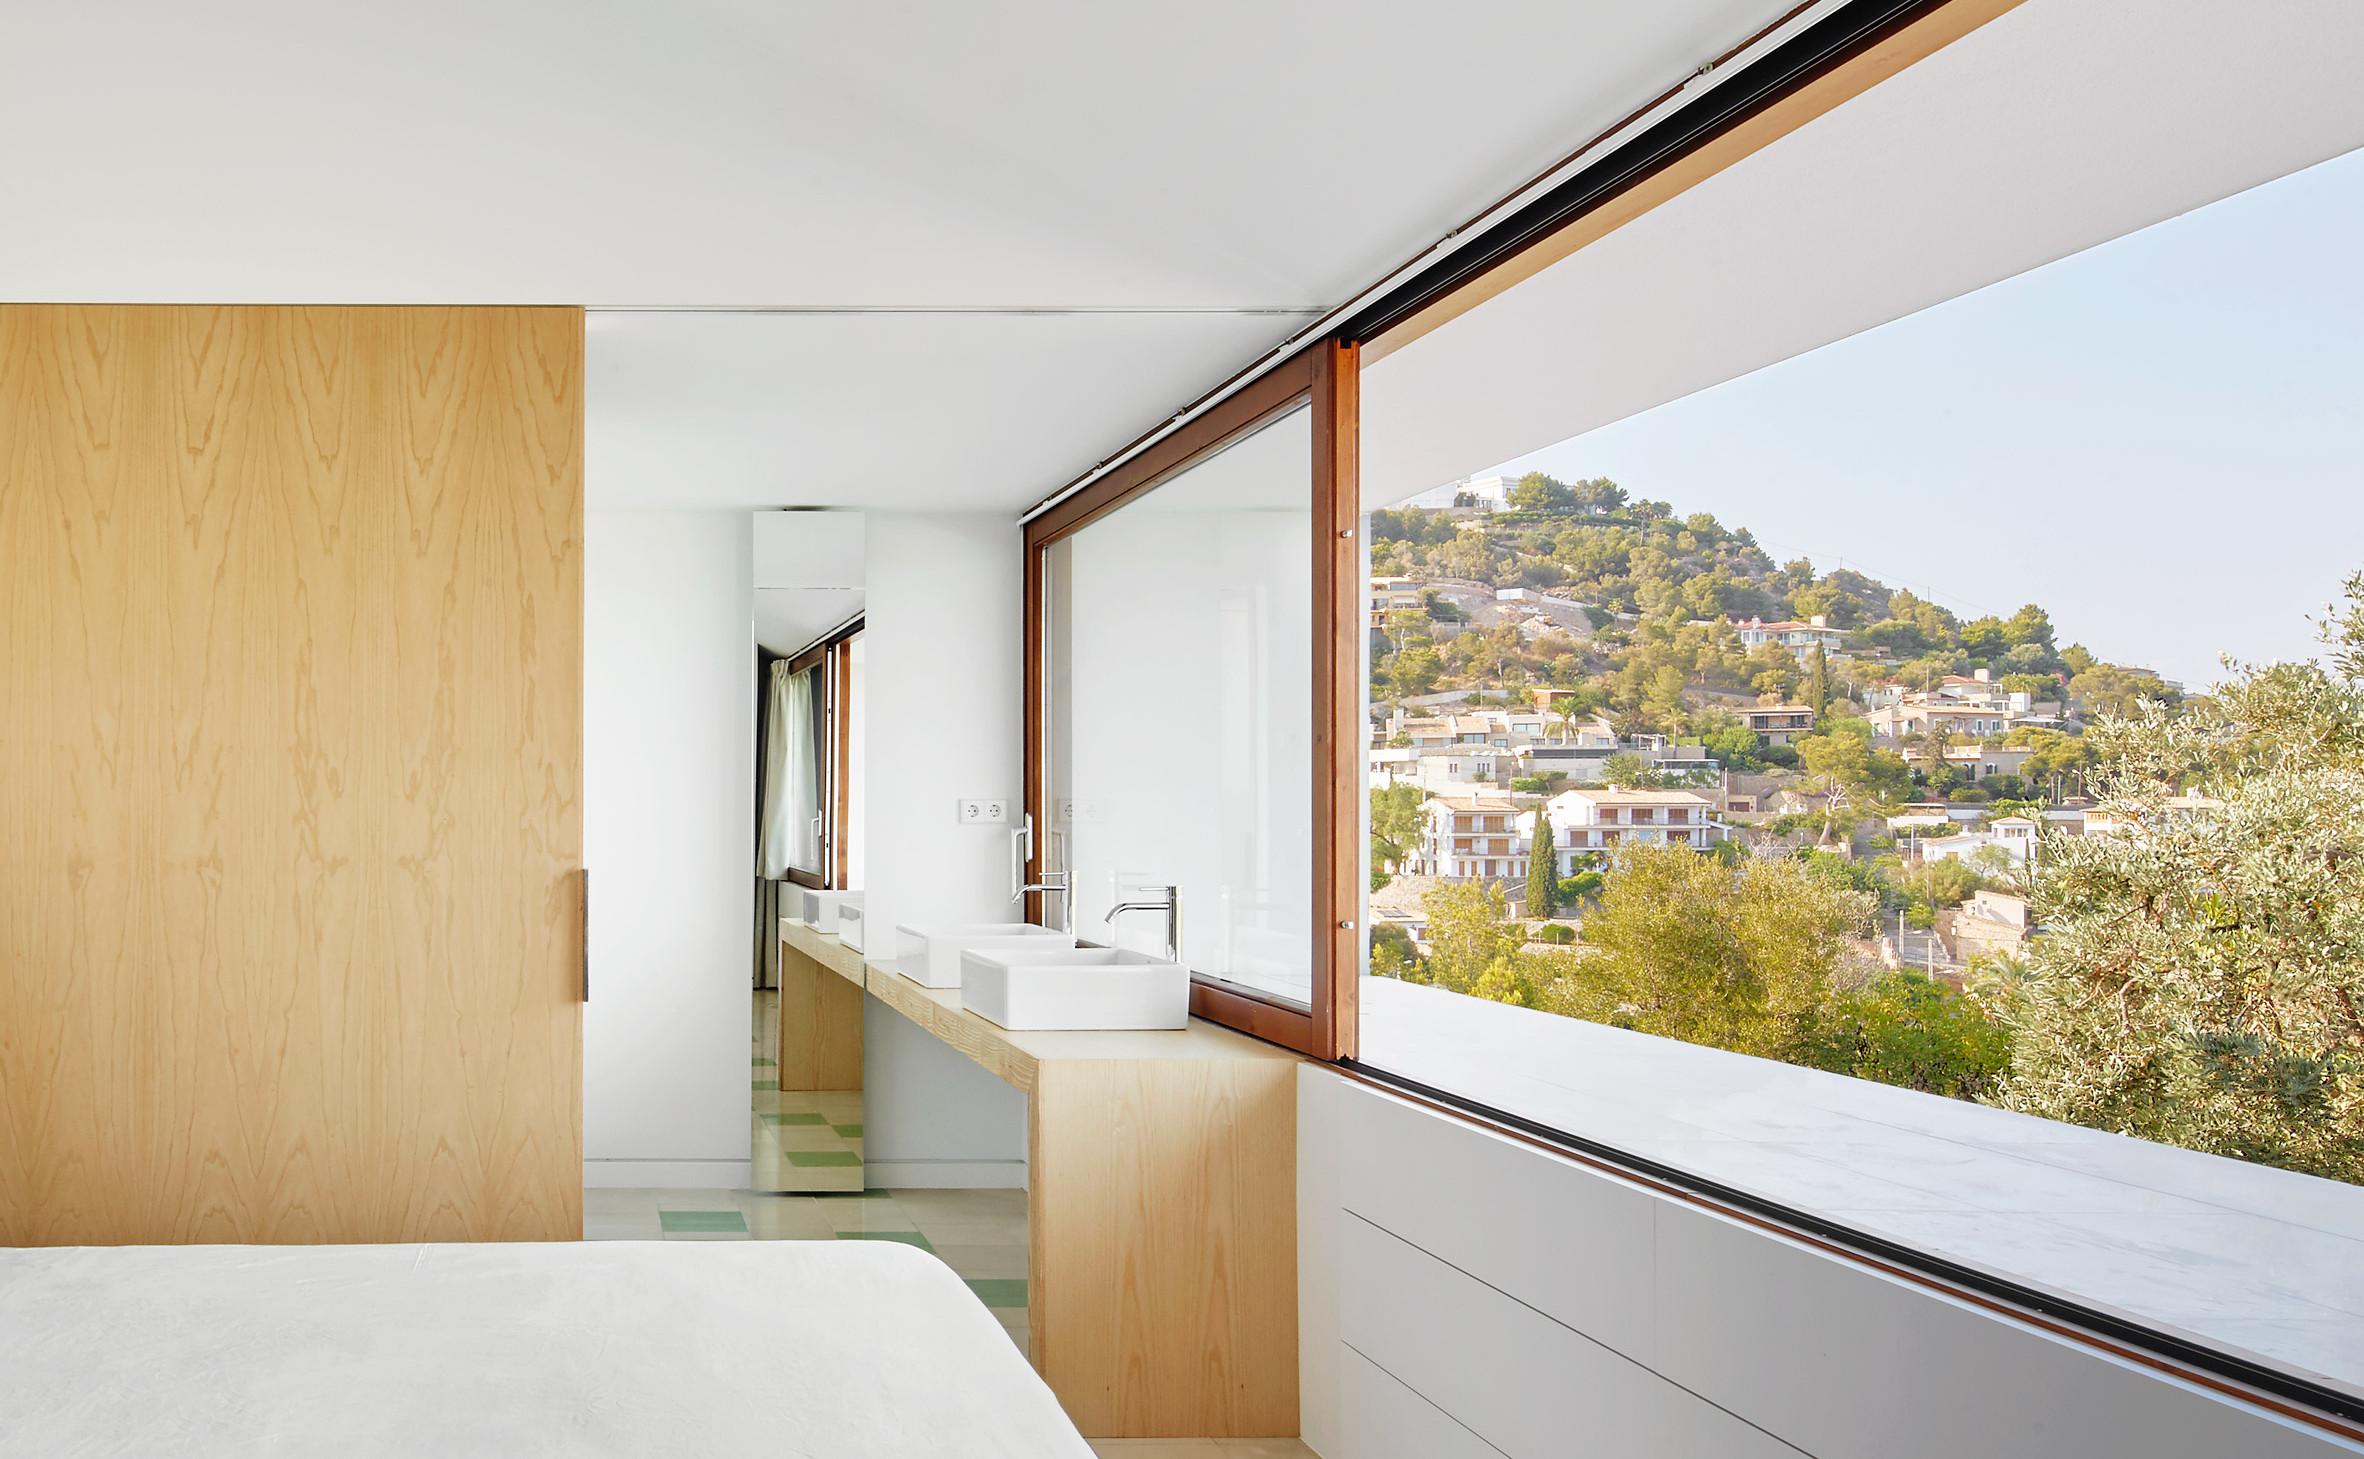 mm-house-oliver-hernaiz-architecture-lab-palma-de-mallorca-spain_dezeen_2364_col_12